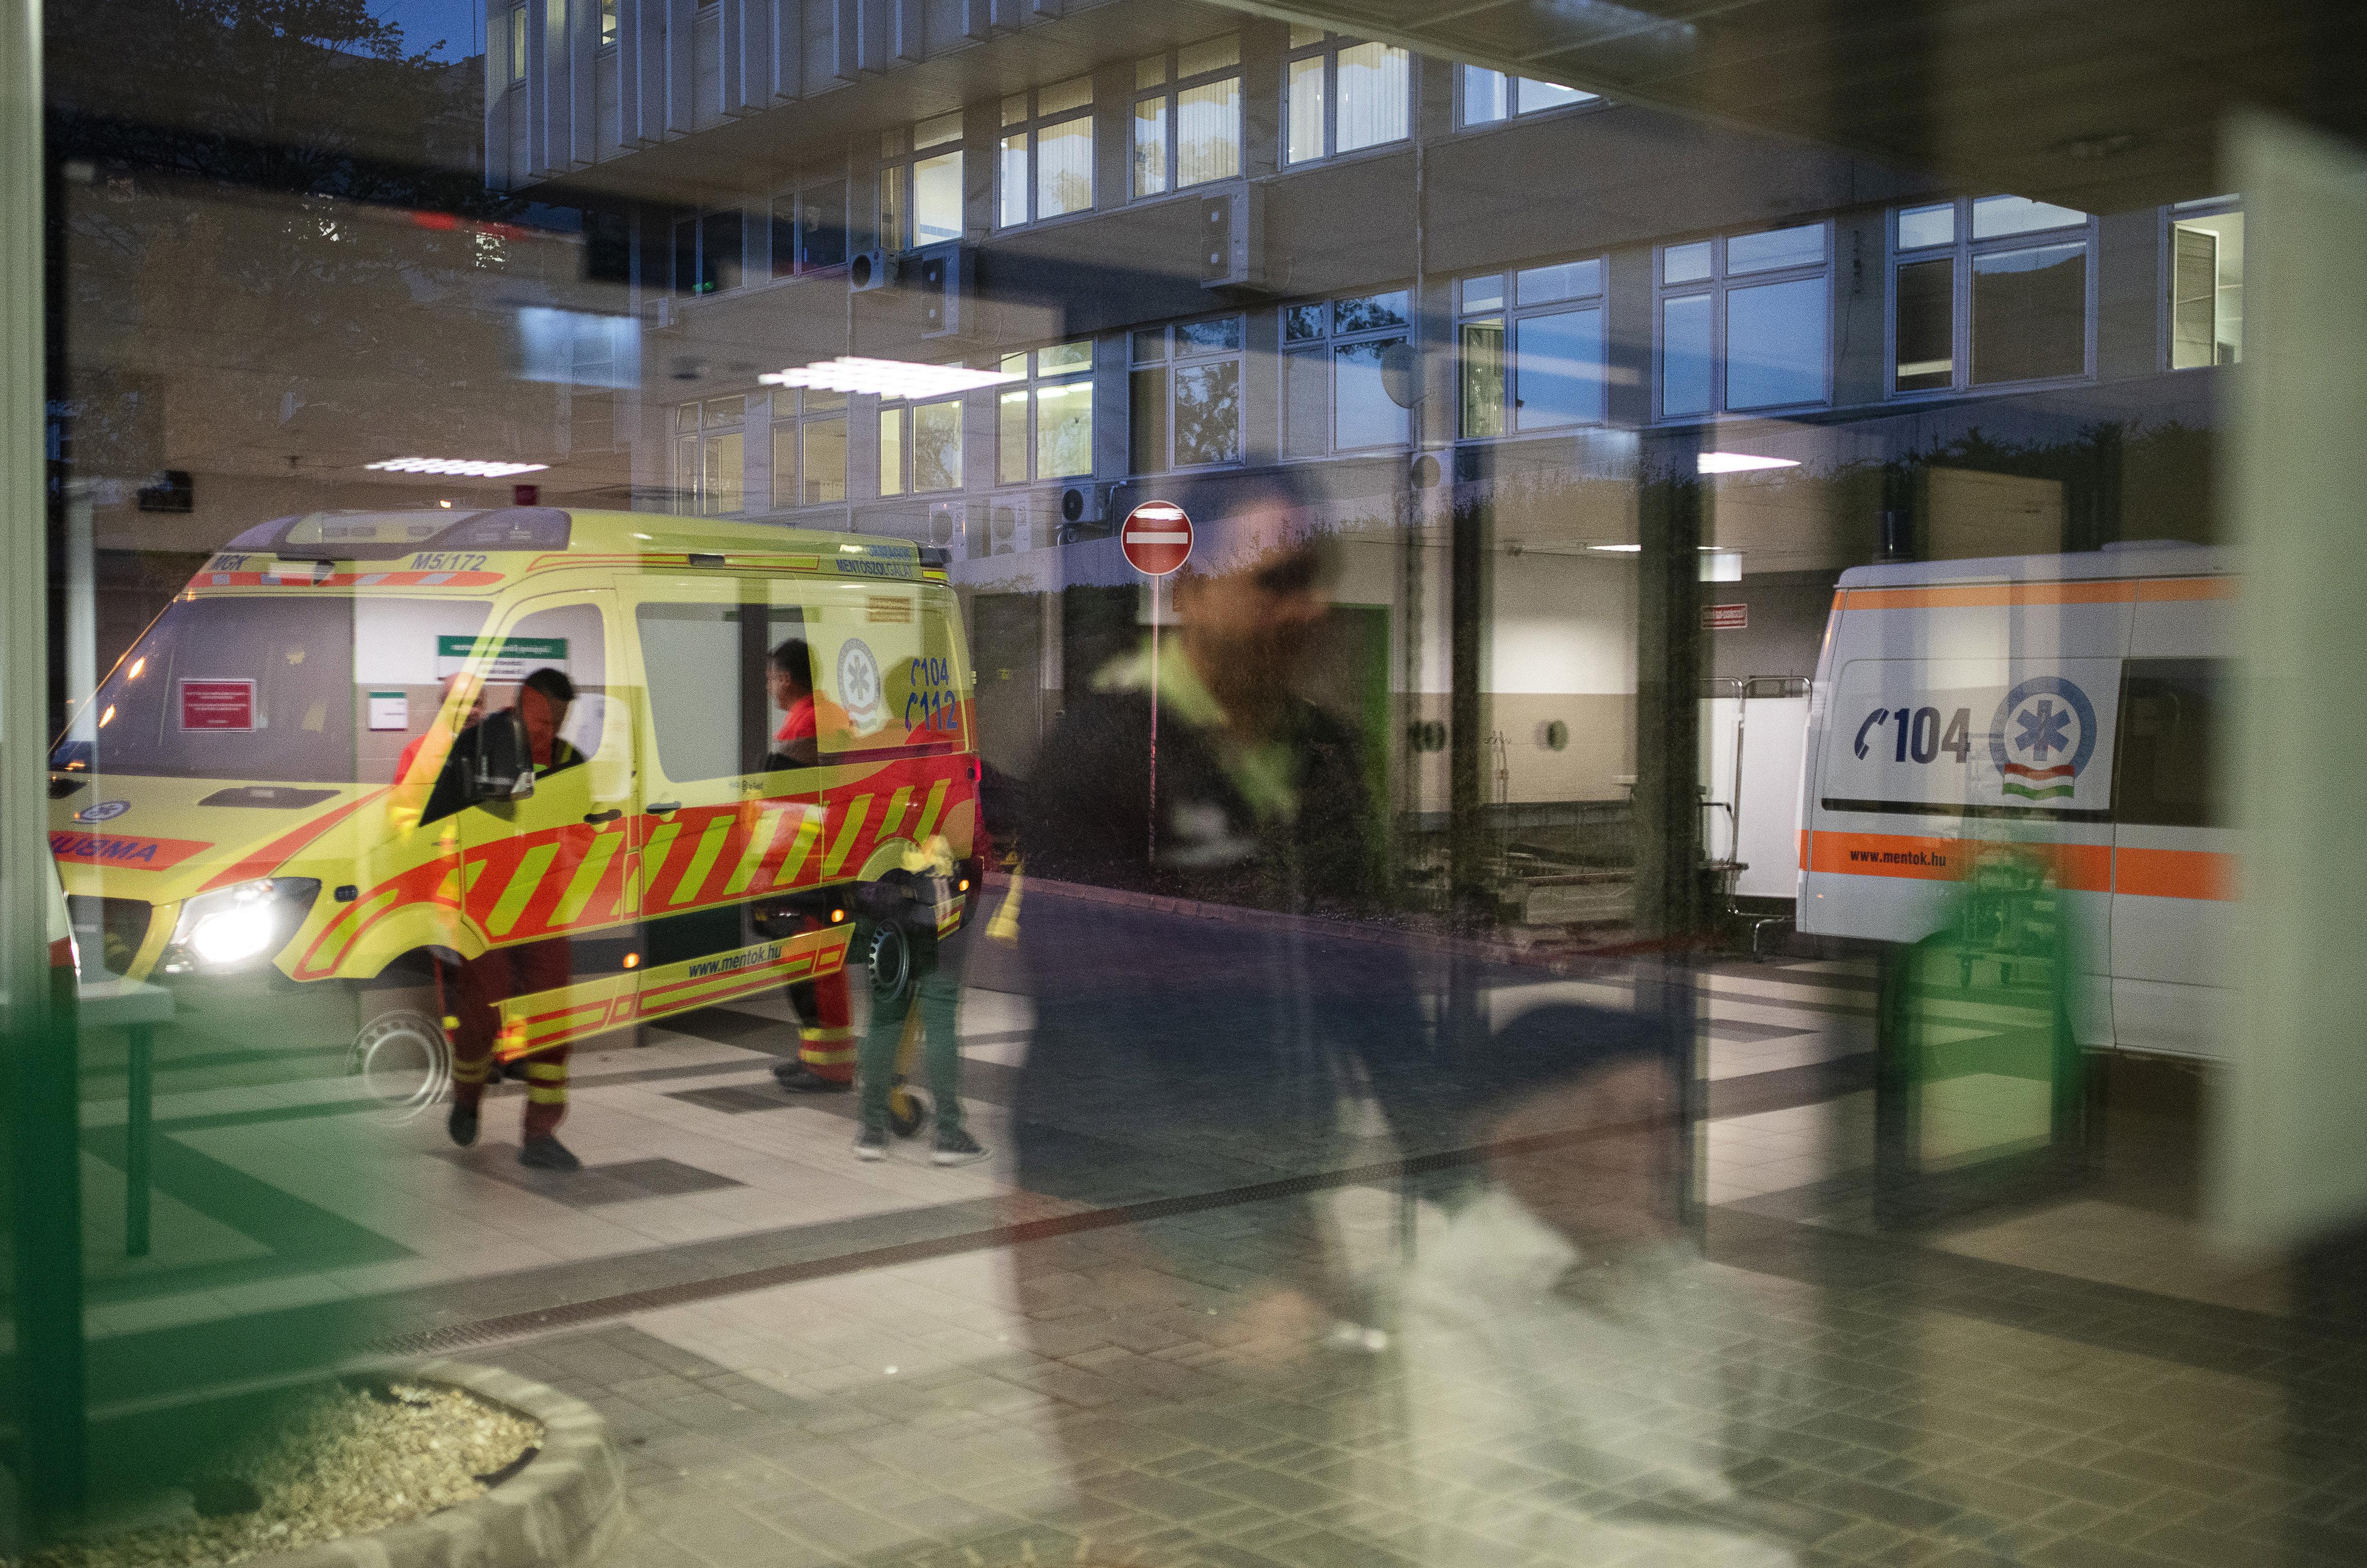 Szabolcsban olyan rossz a helyzet, hogy a háziorvosokat korra való tekintet nélkül elkezdték berendelni kórházi munkára